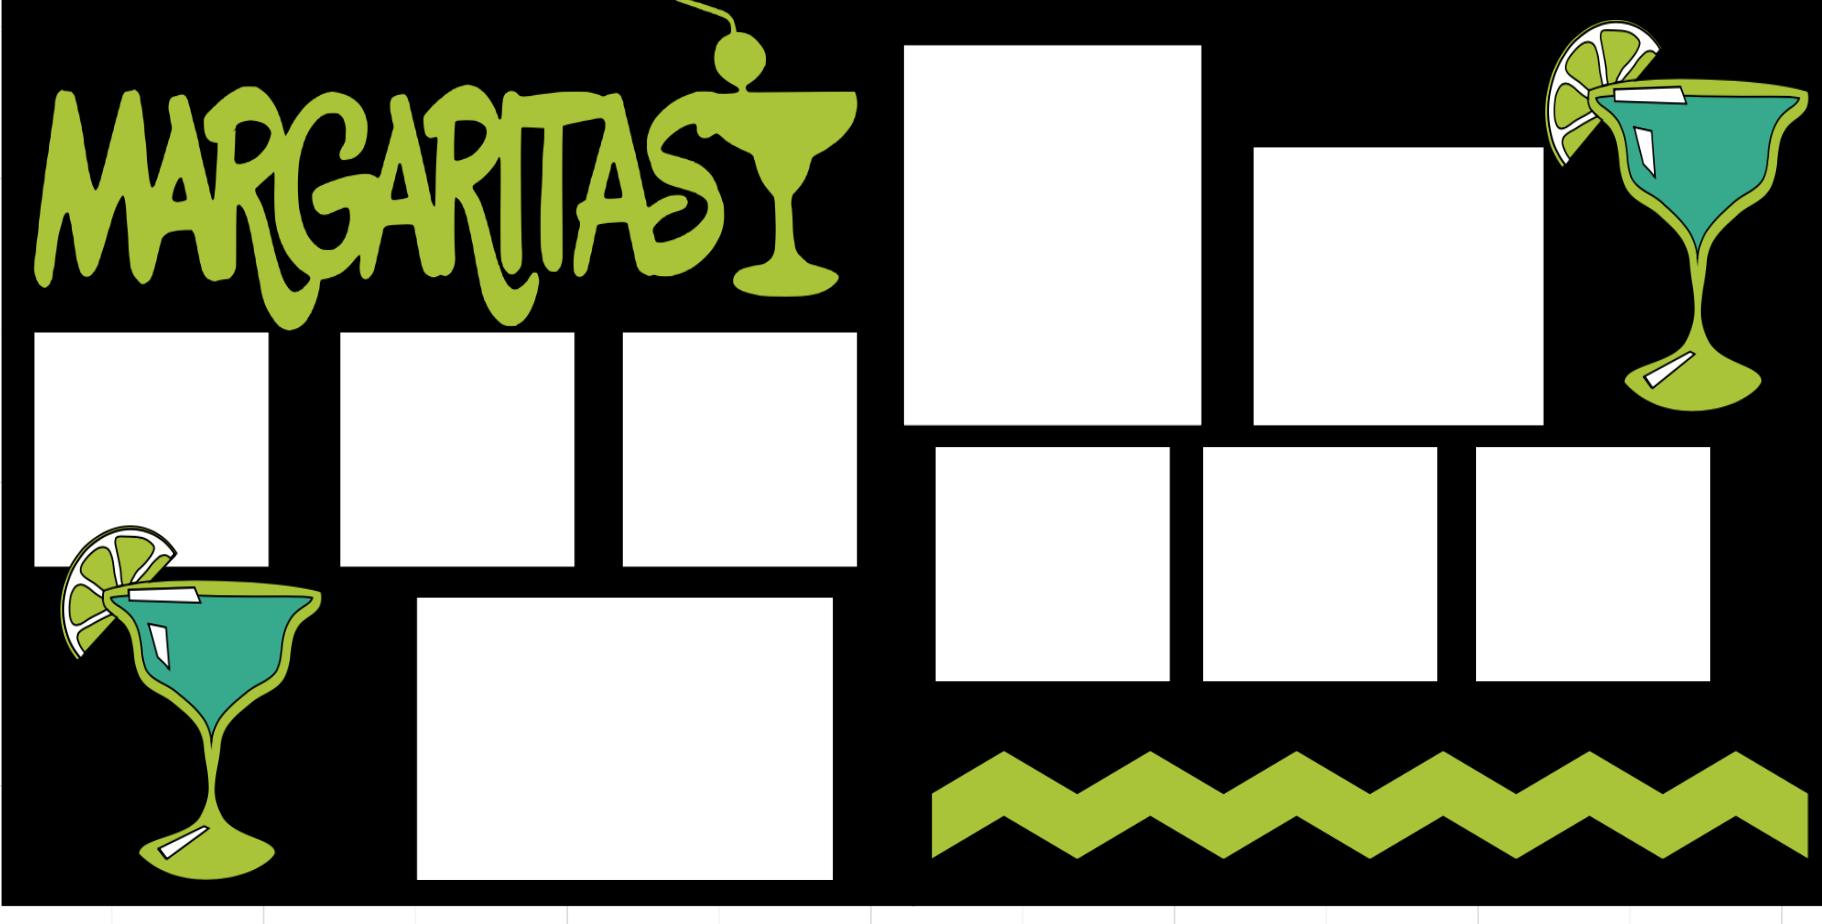 Margaritas -  page kit